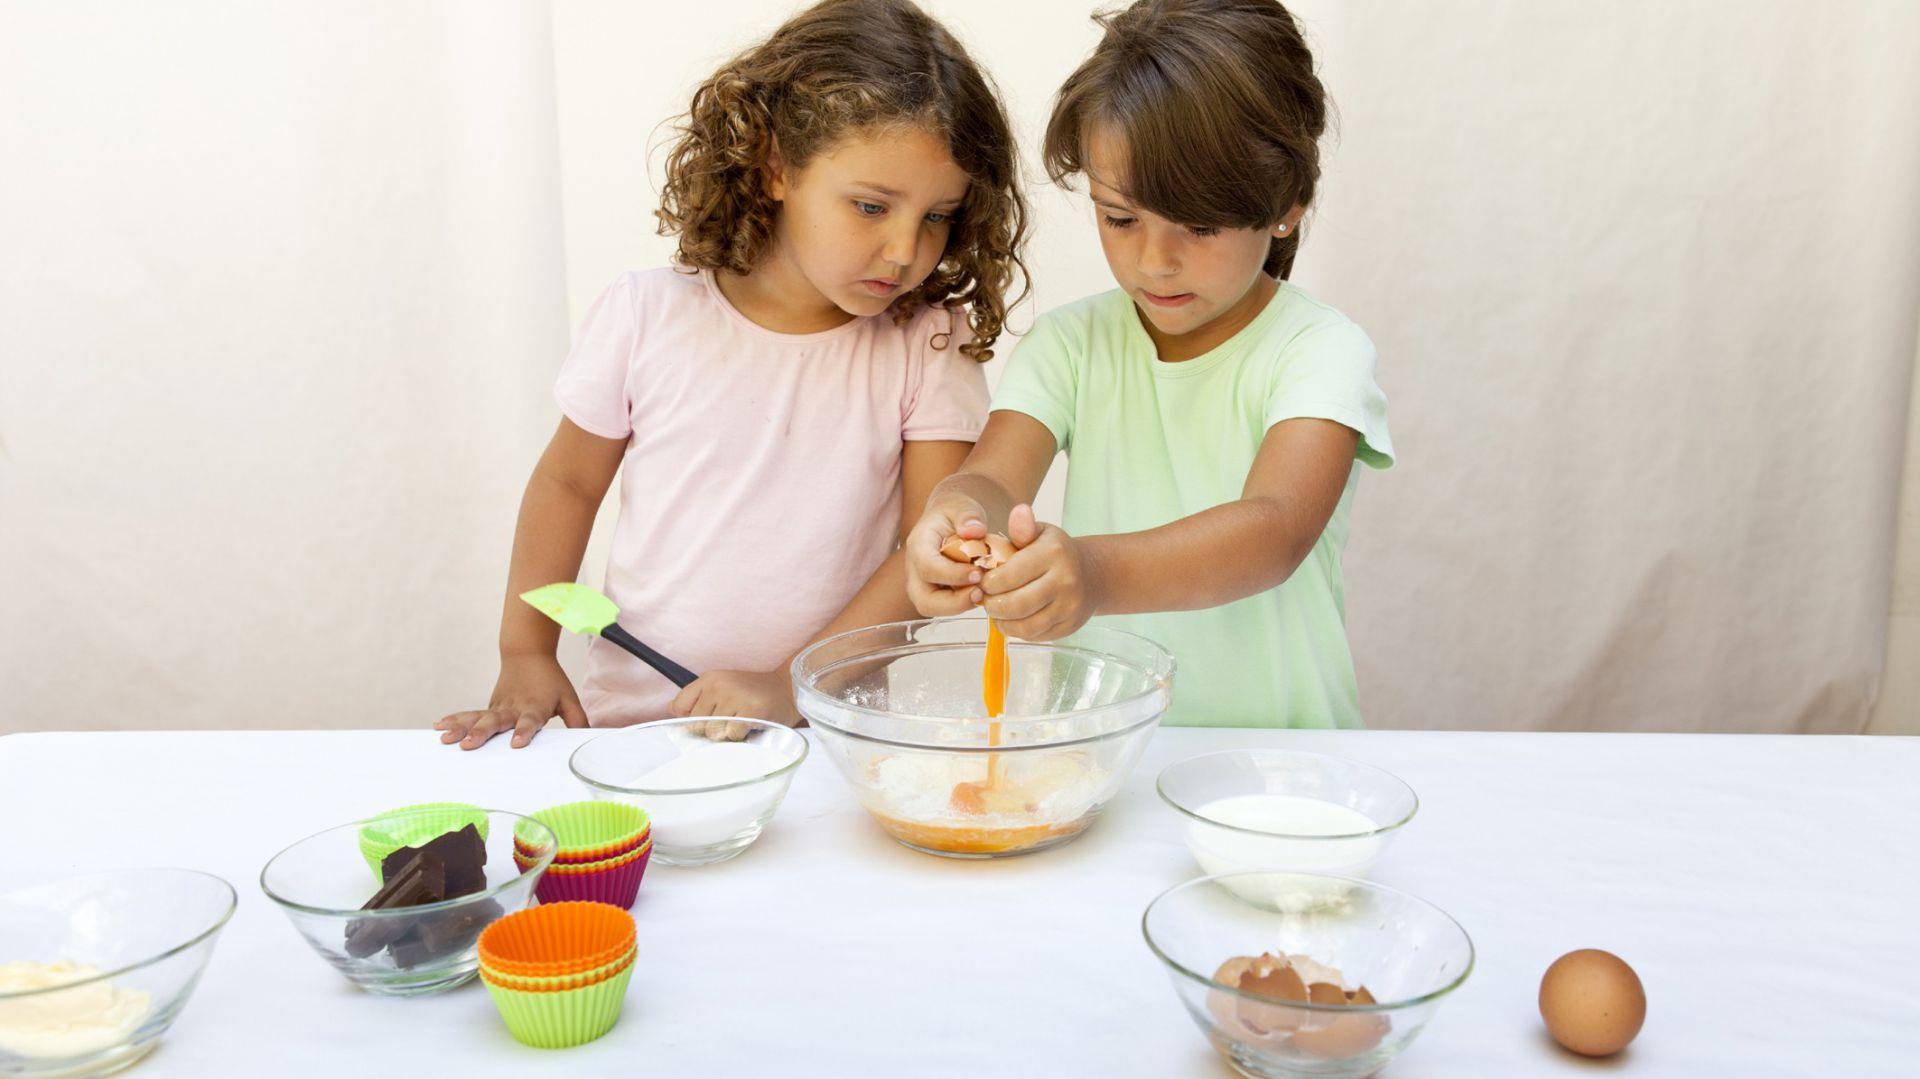 Zestaw Kit Cupcake do pieczenia i ozdabiania muffinów i Cupcake'ów. W skład zestawu wchodzi: sześć silikonowych foremek do pieczenia muffinów oraz duży, silikonowy pojemnik do nakładania ciasta/masy i dekorowania ciasteczek, z sześcioma, wymiennymi końcówkami. 114 zł, Lekue/LeDuvel.